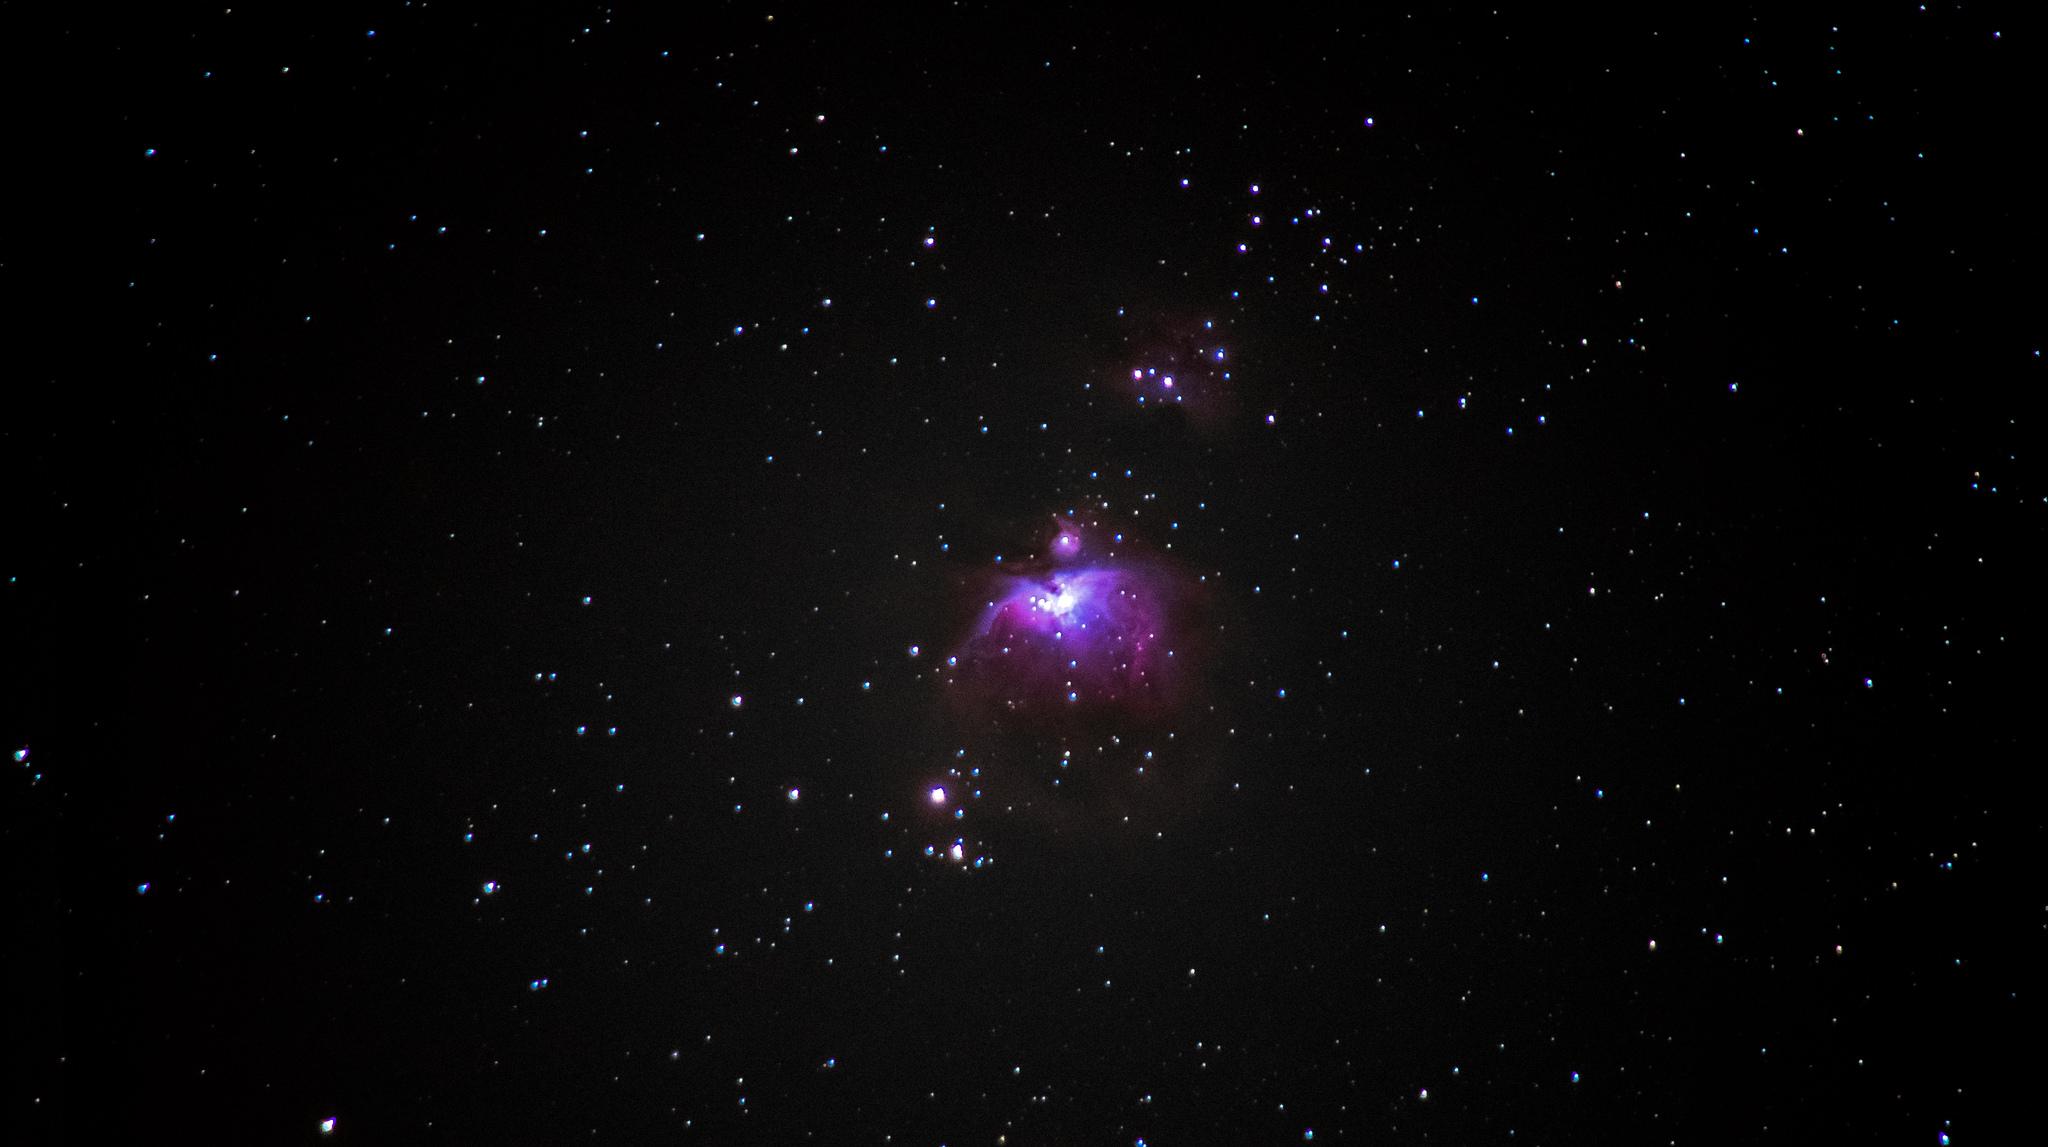 Oriono ūkas (M42, M43) ir Bėgančio žmogaus ūkas (NGC 1973/5/7).